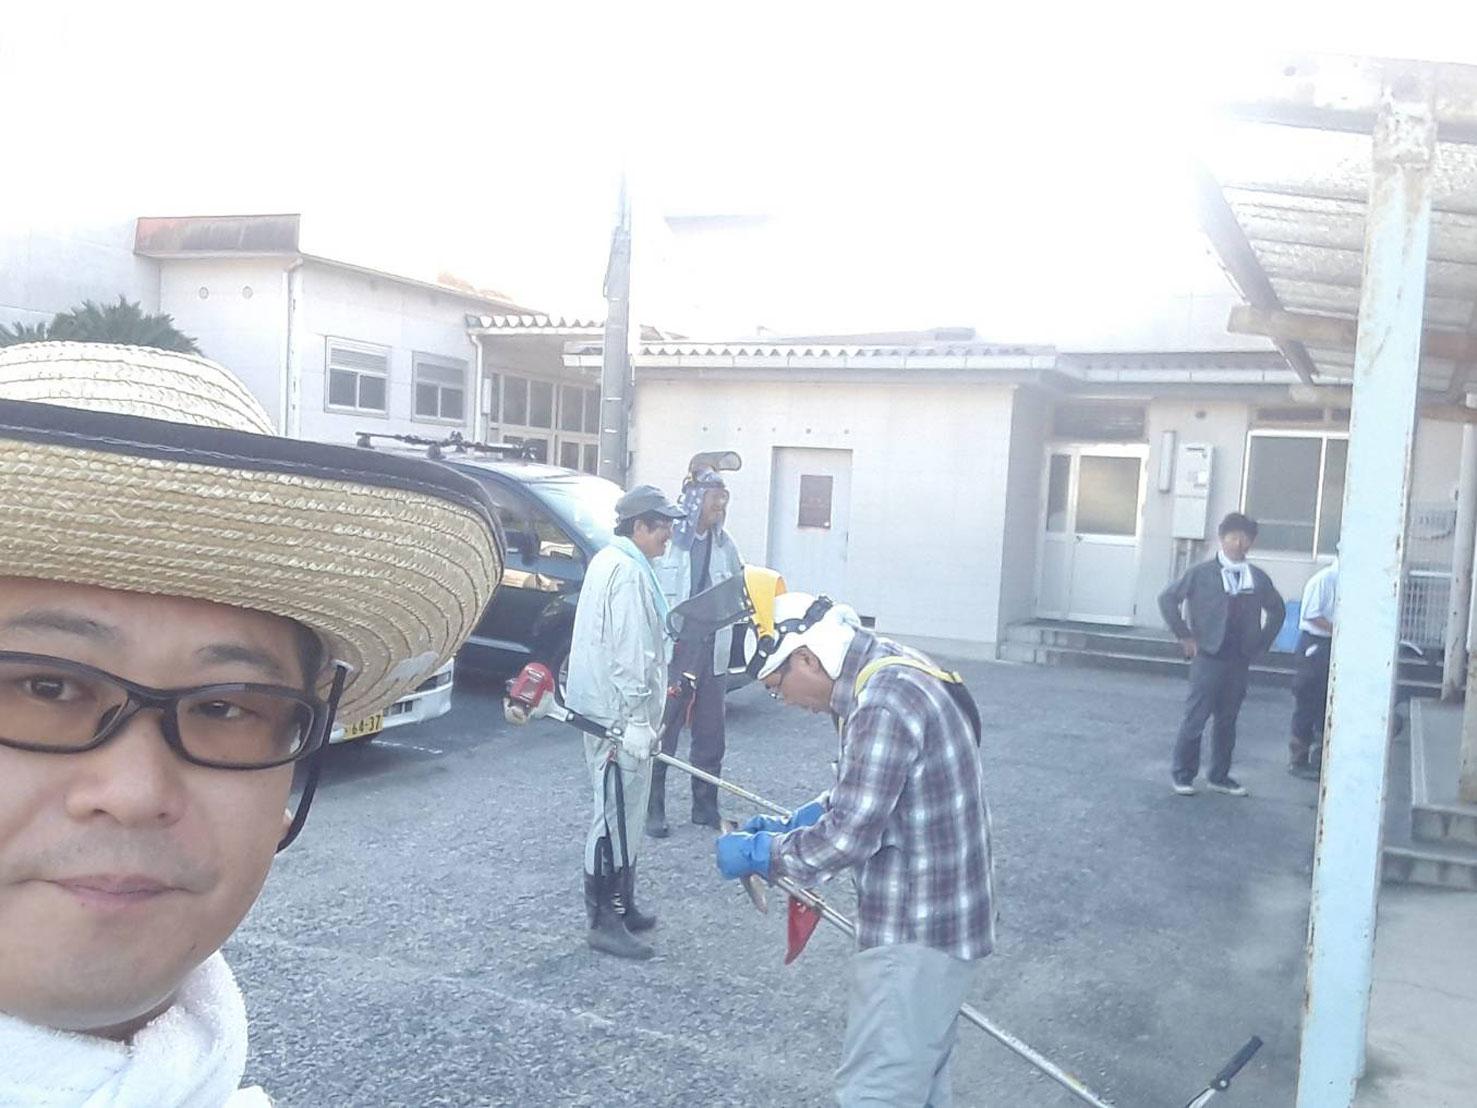 美化清掃@香芝市立関屋小学校